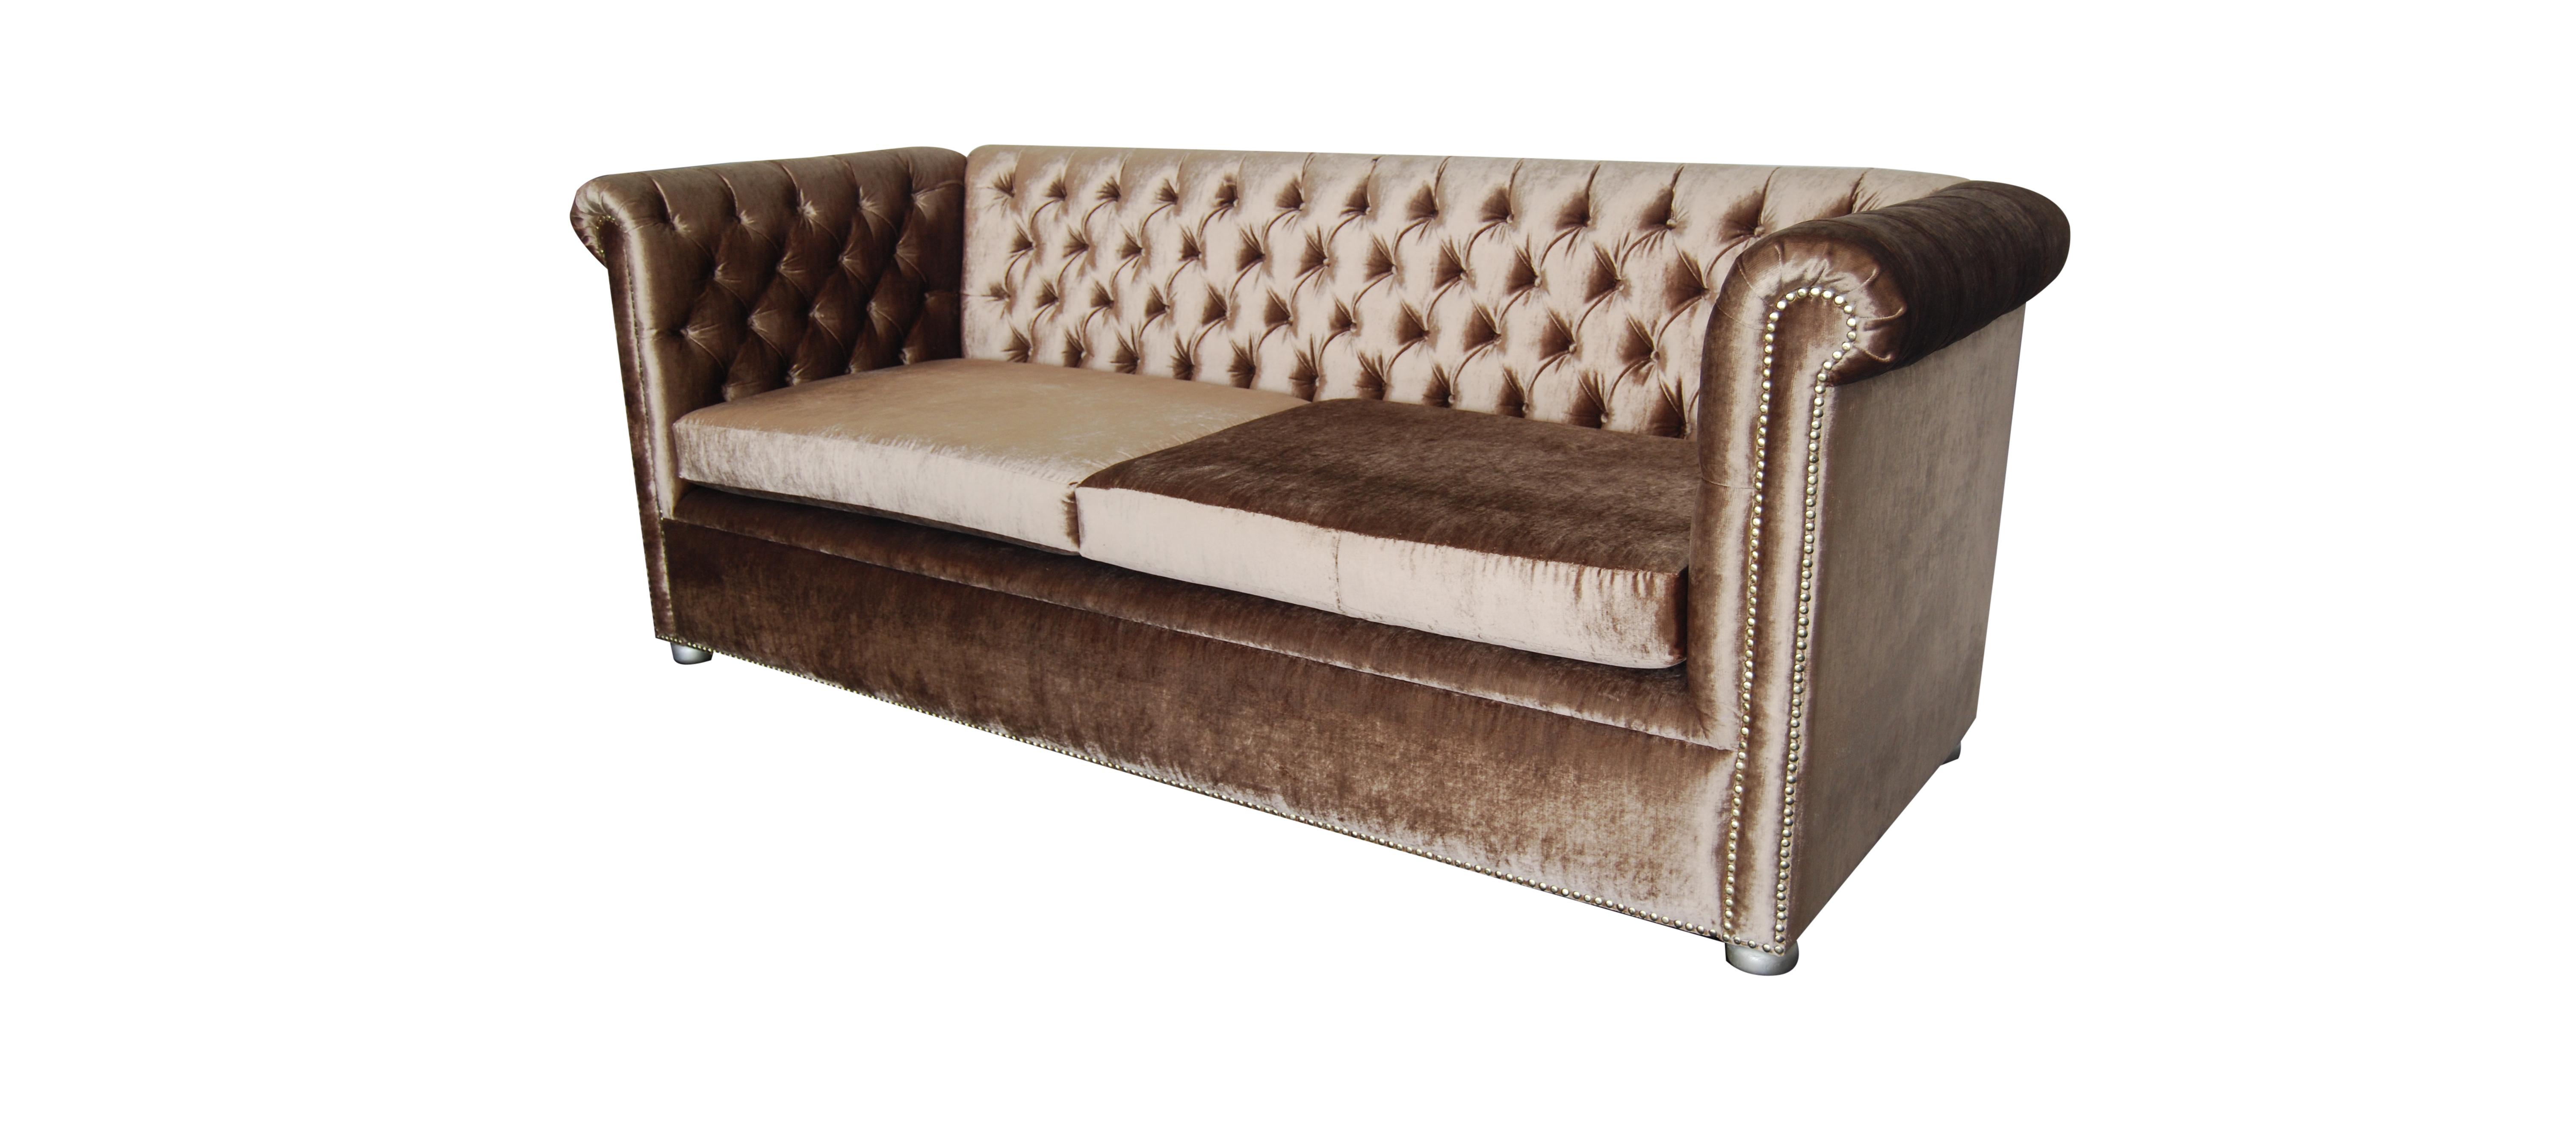 Simbulan Group Furniture Living Room Sofas